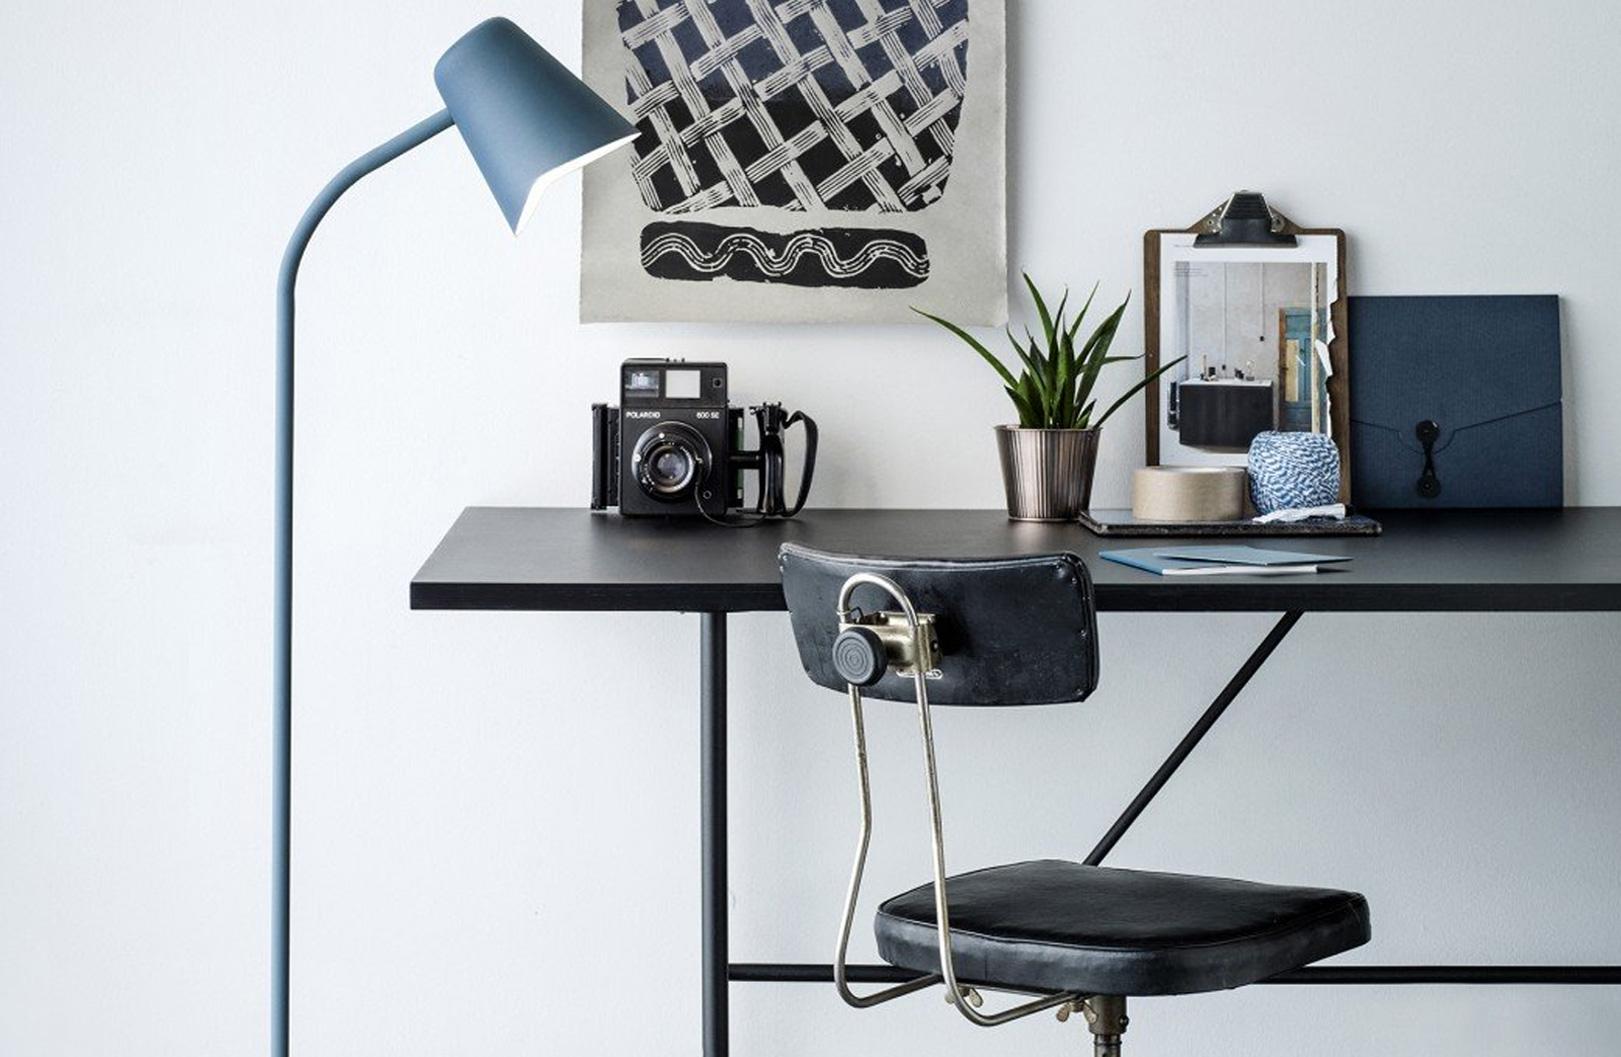 Vendita e acquisto di mobili usati in ticino mobili online for Vendita mobili da esposizione